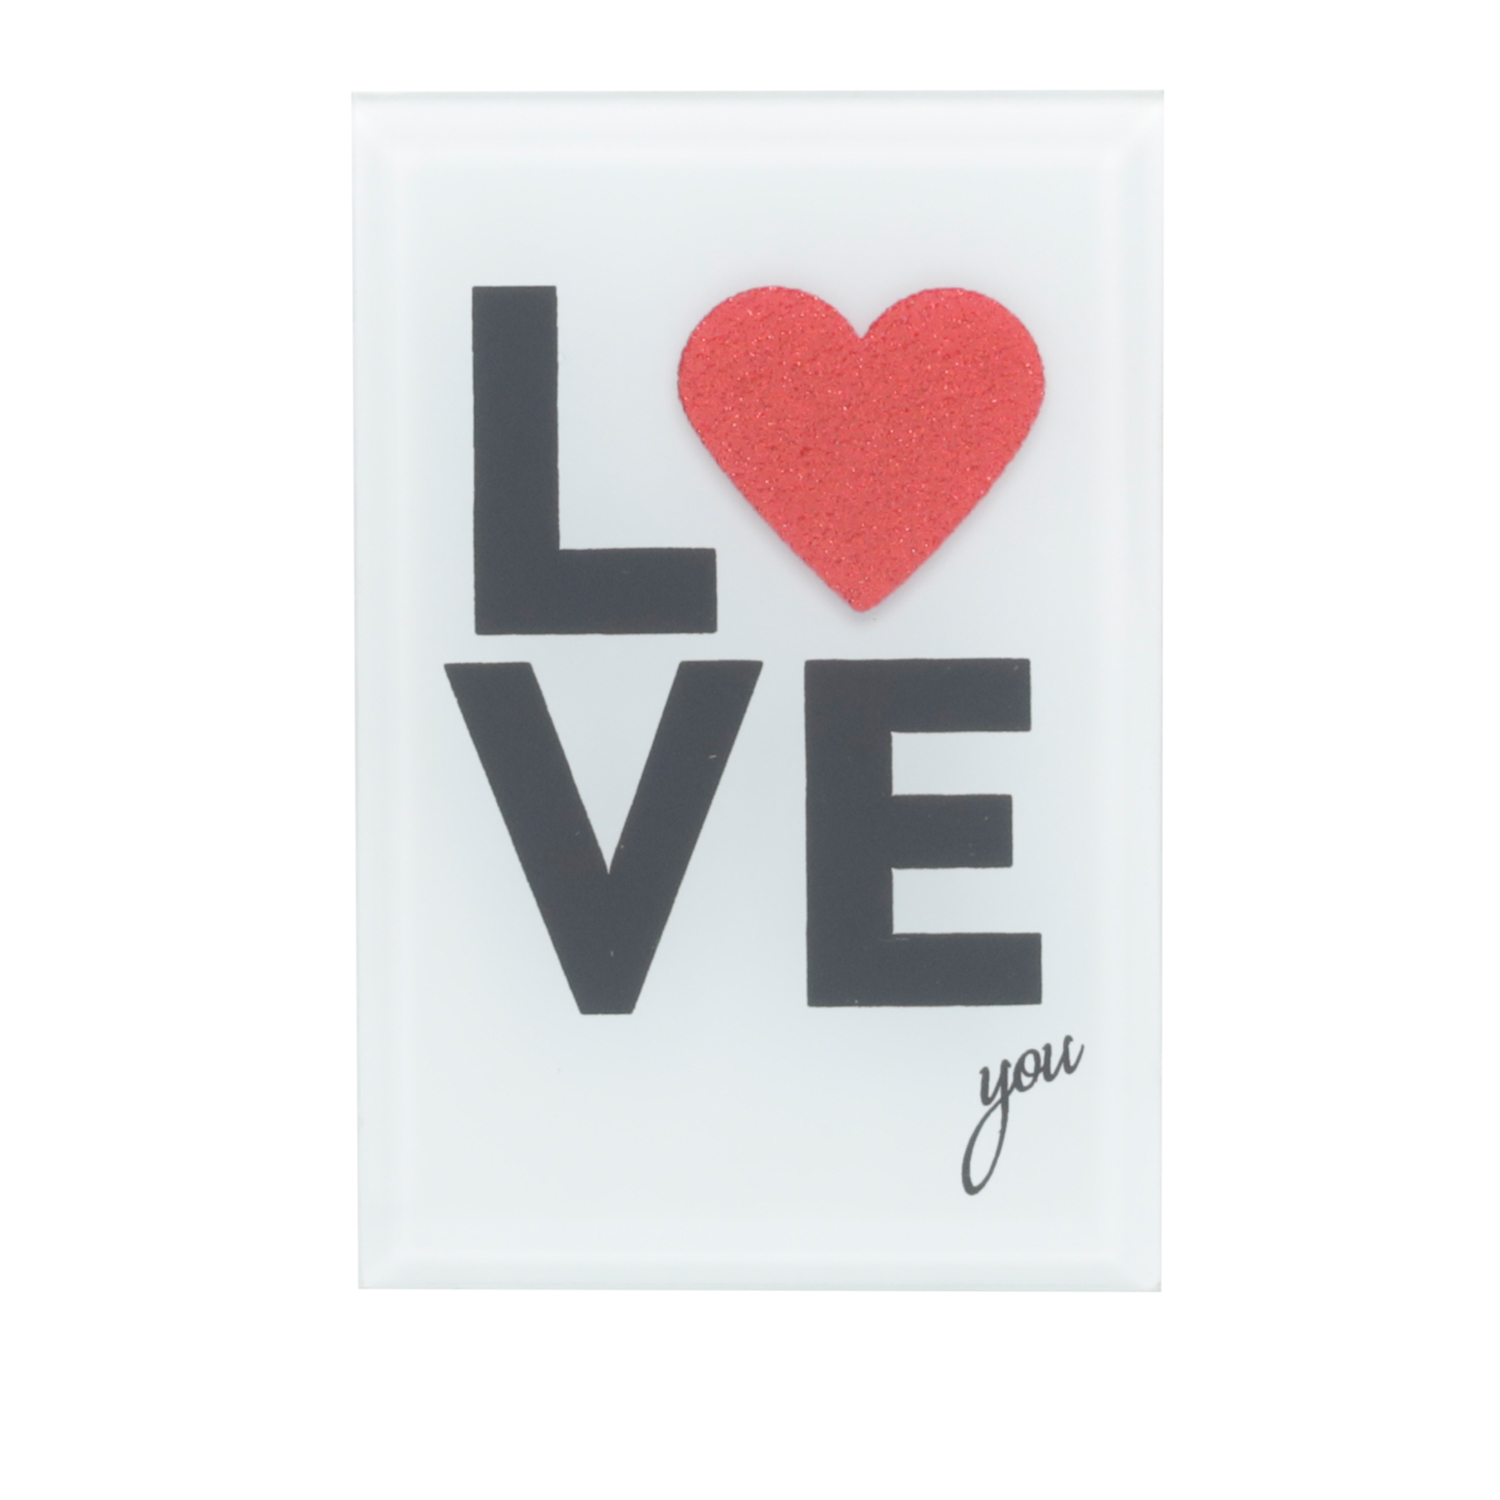 PLACA VIDRO MESA DECOR MY LOVE TRANSPARENTE E VERMELHO 8X1X12 CM